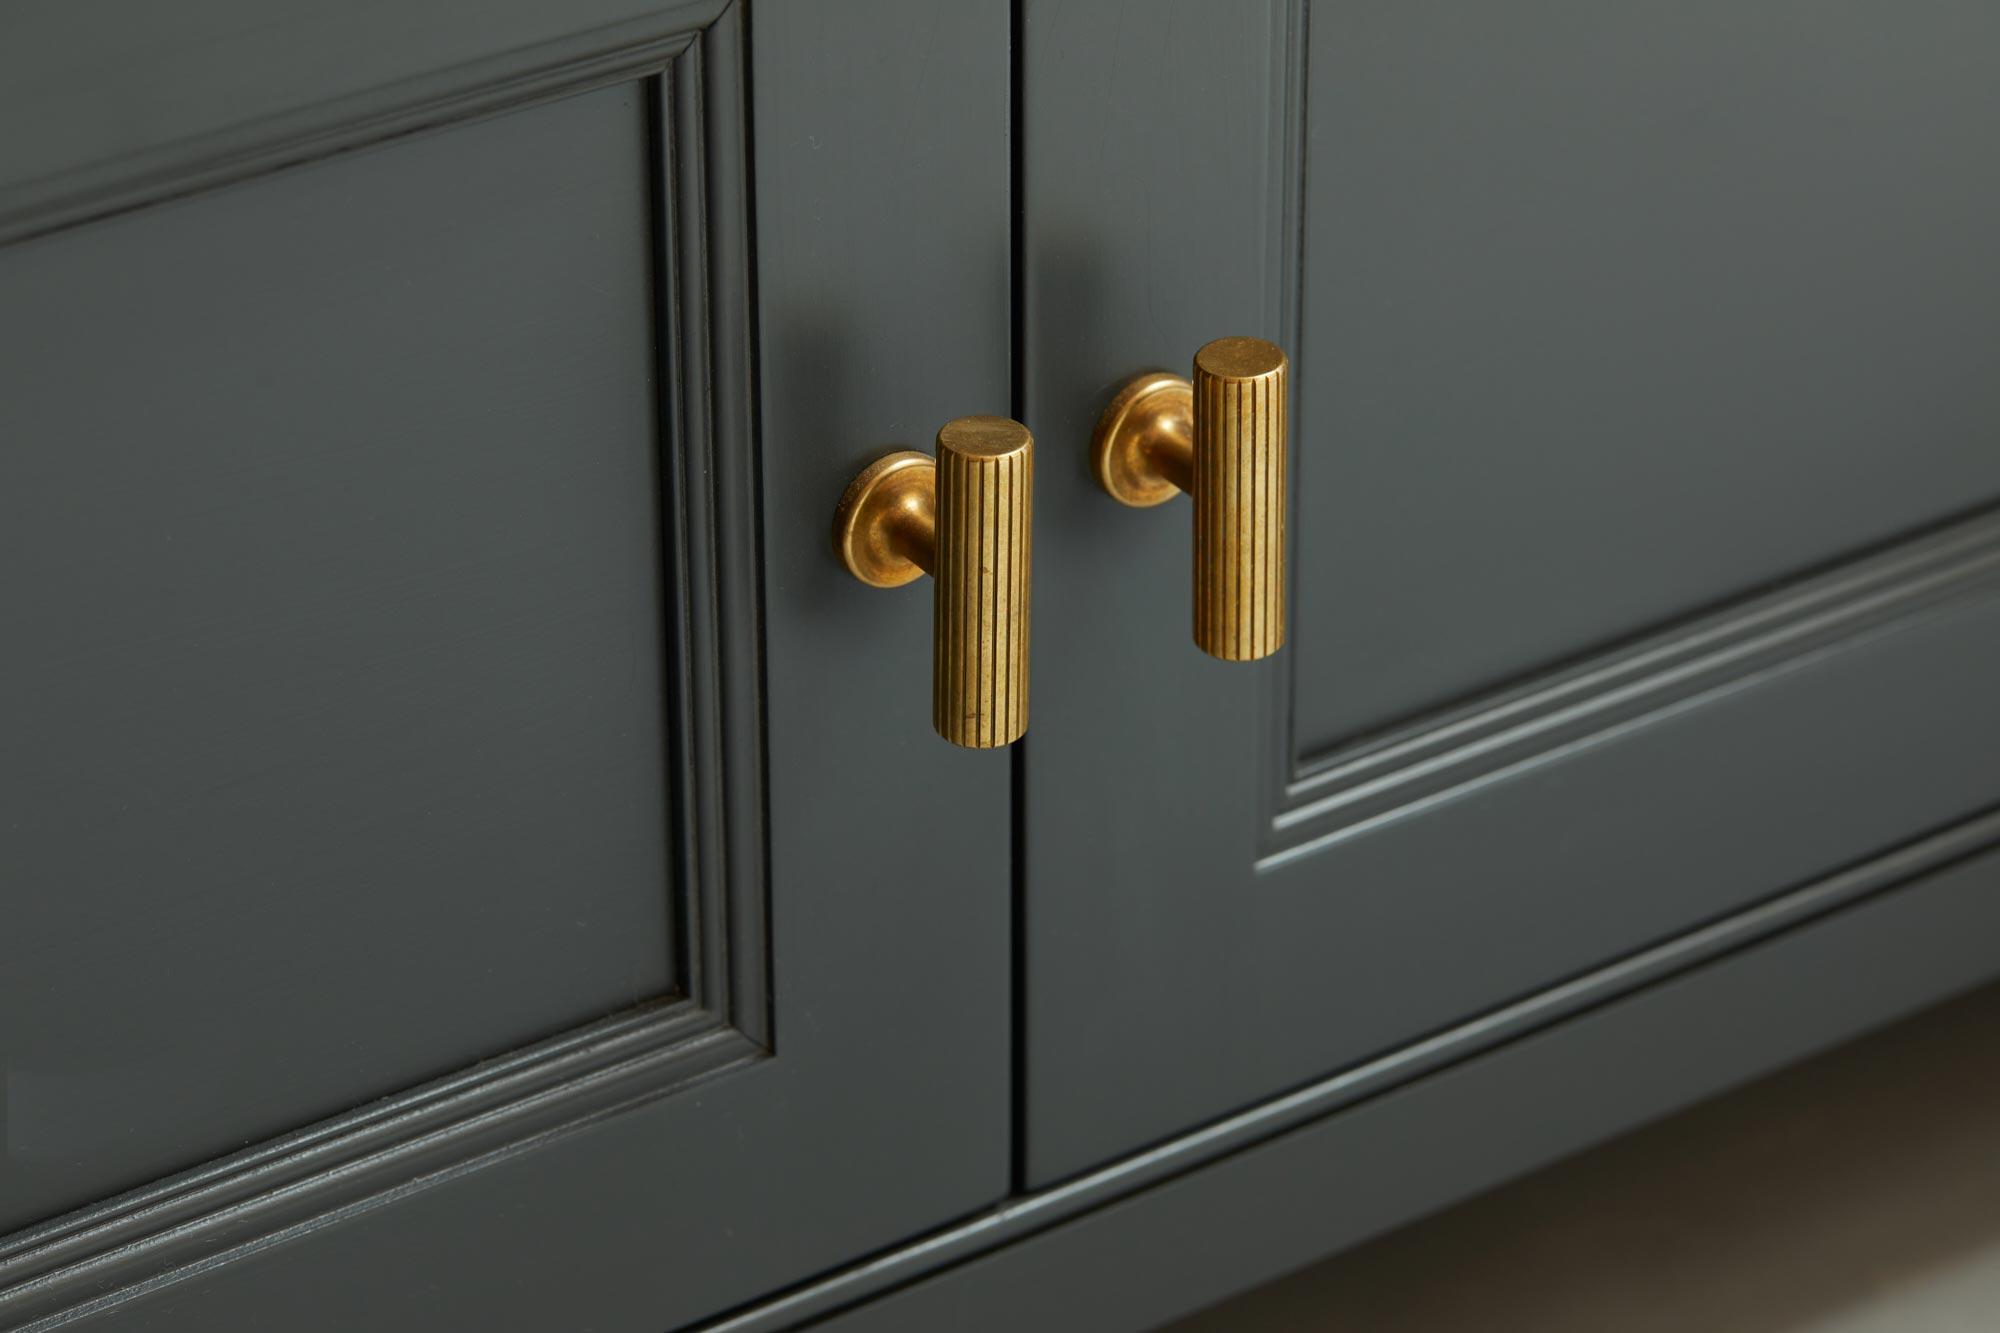 Armac Martin brass T kitchen hardware